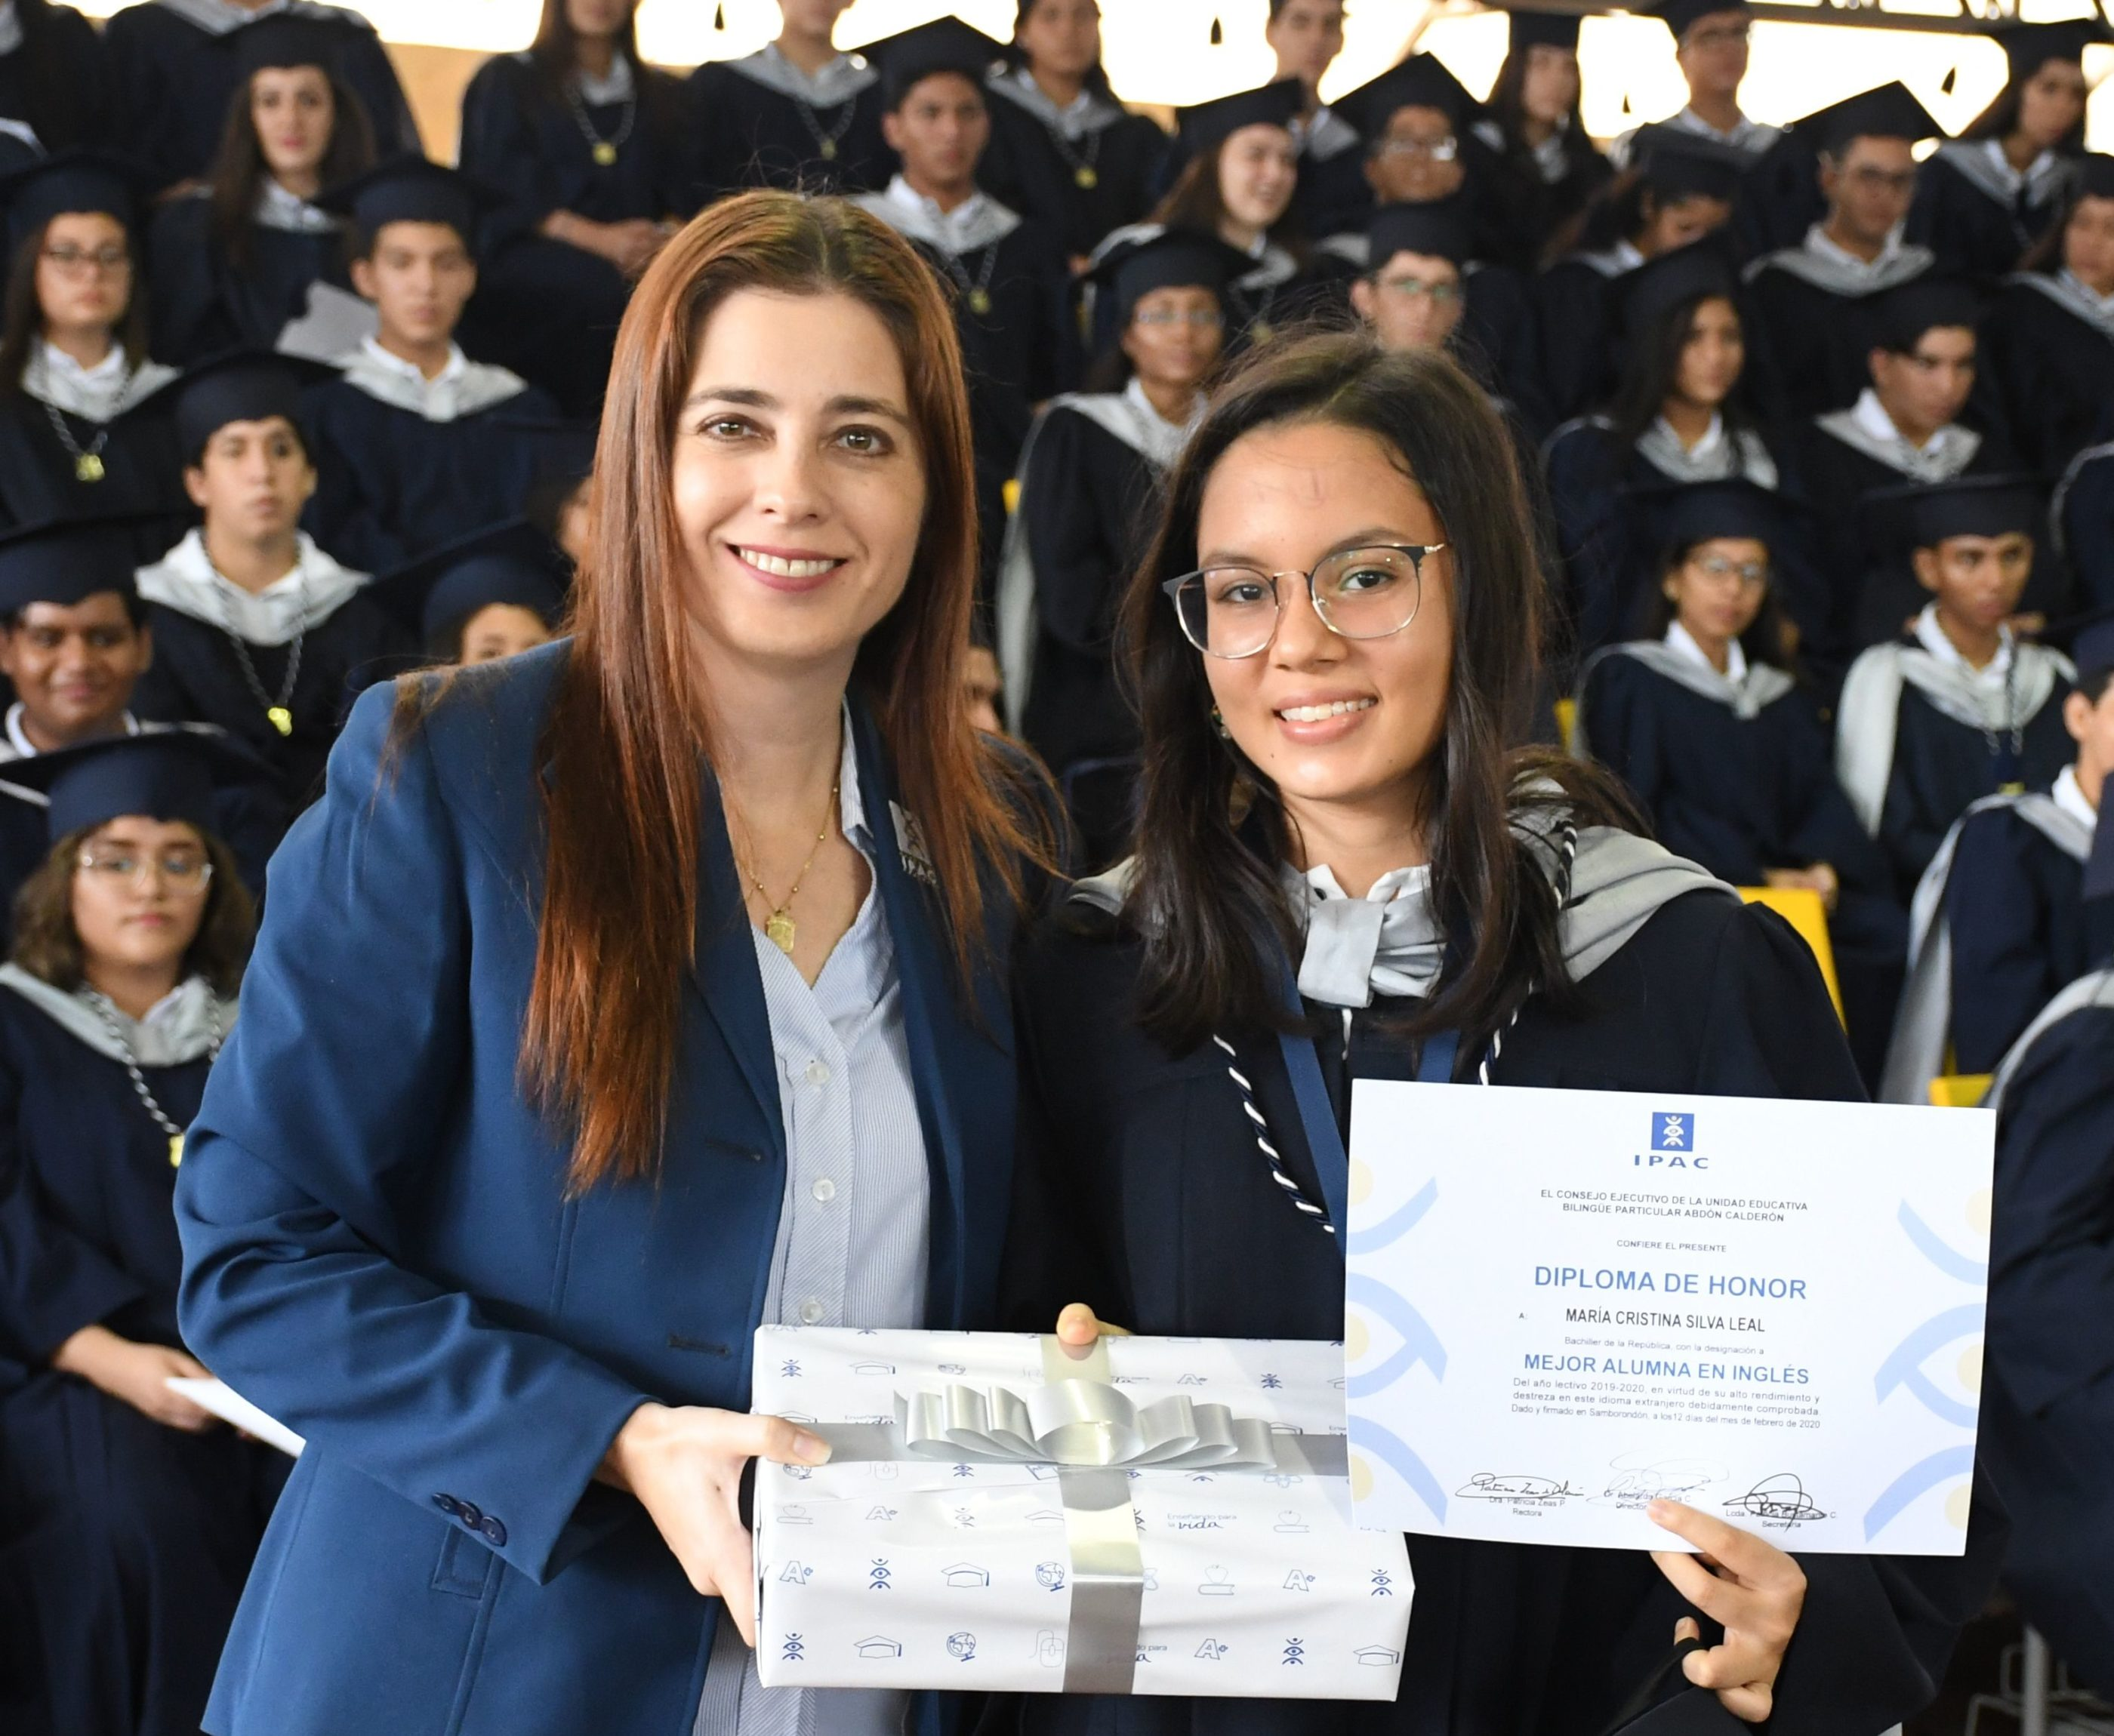 Entrega de reconocimiento a la Mejor Alumna InglÇs a cargo de la MSc. Adriana Malo Coordinadora del µrea de InglÇs